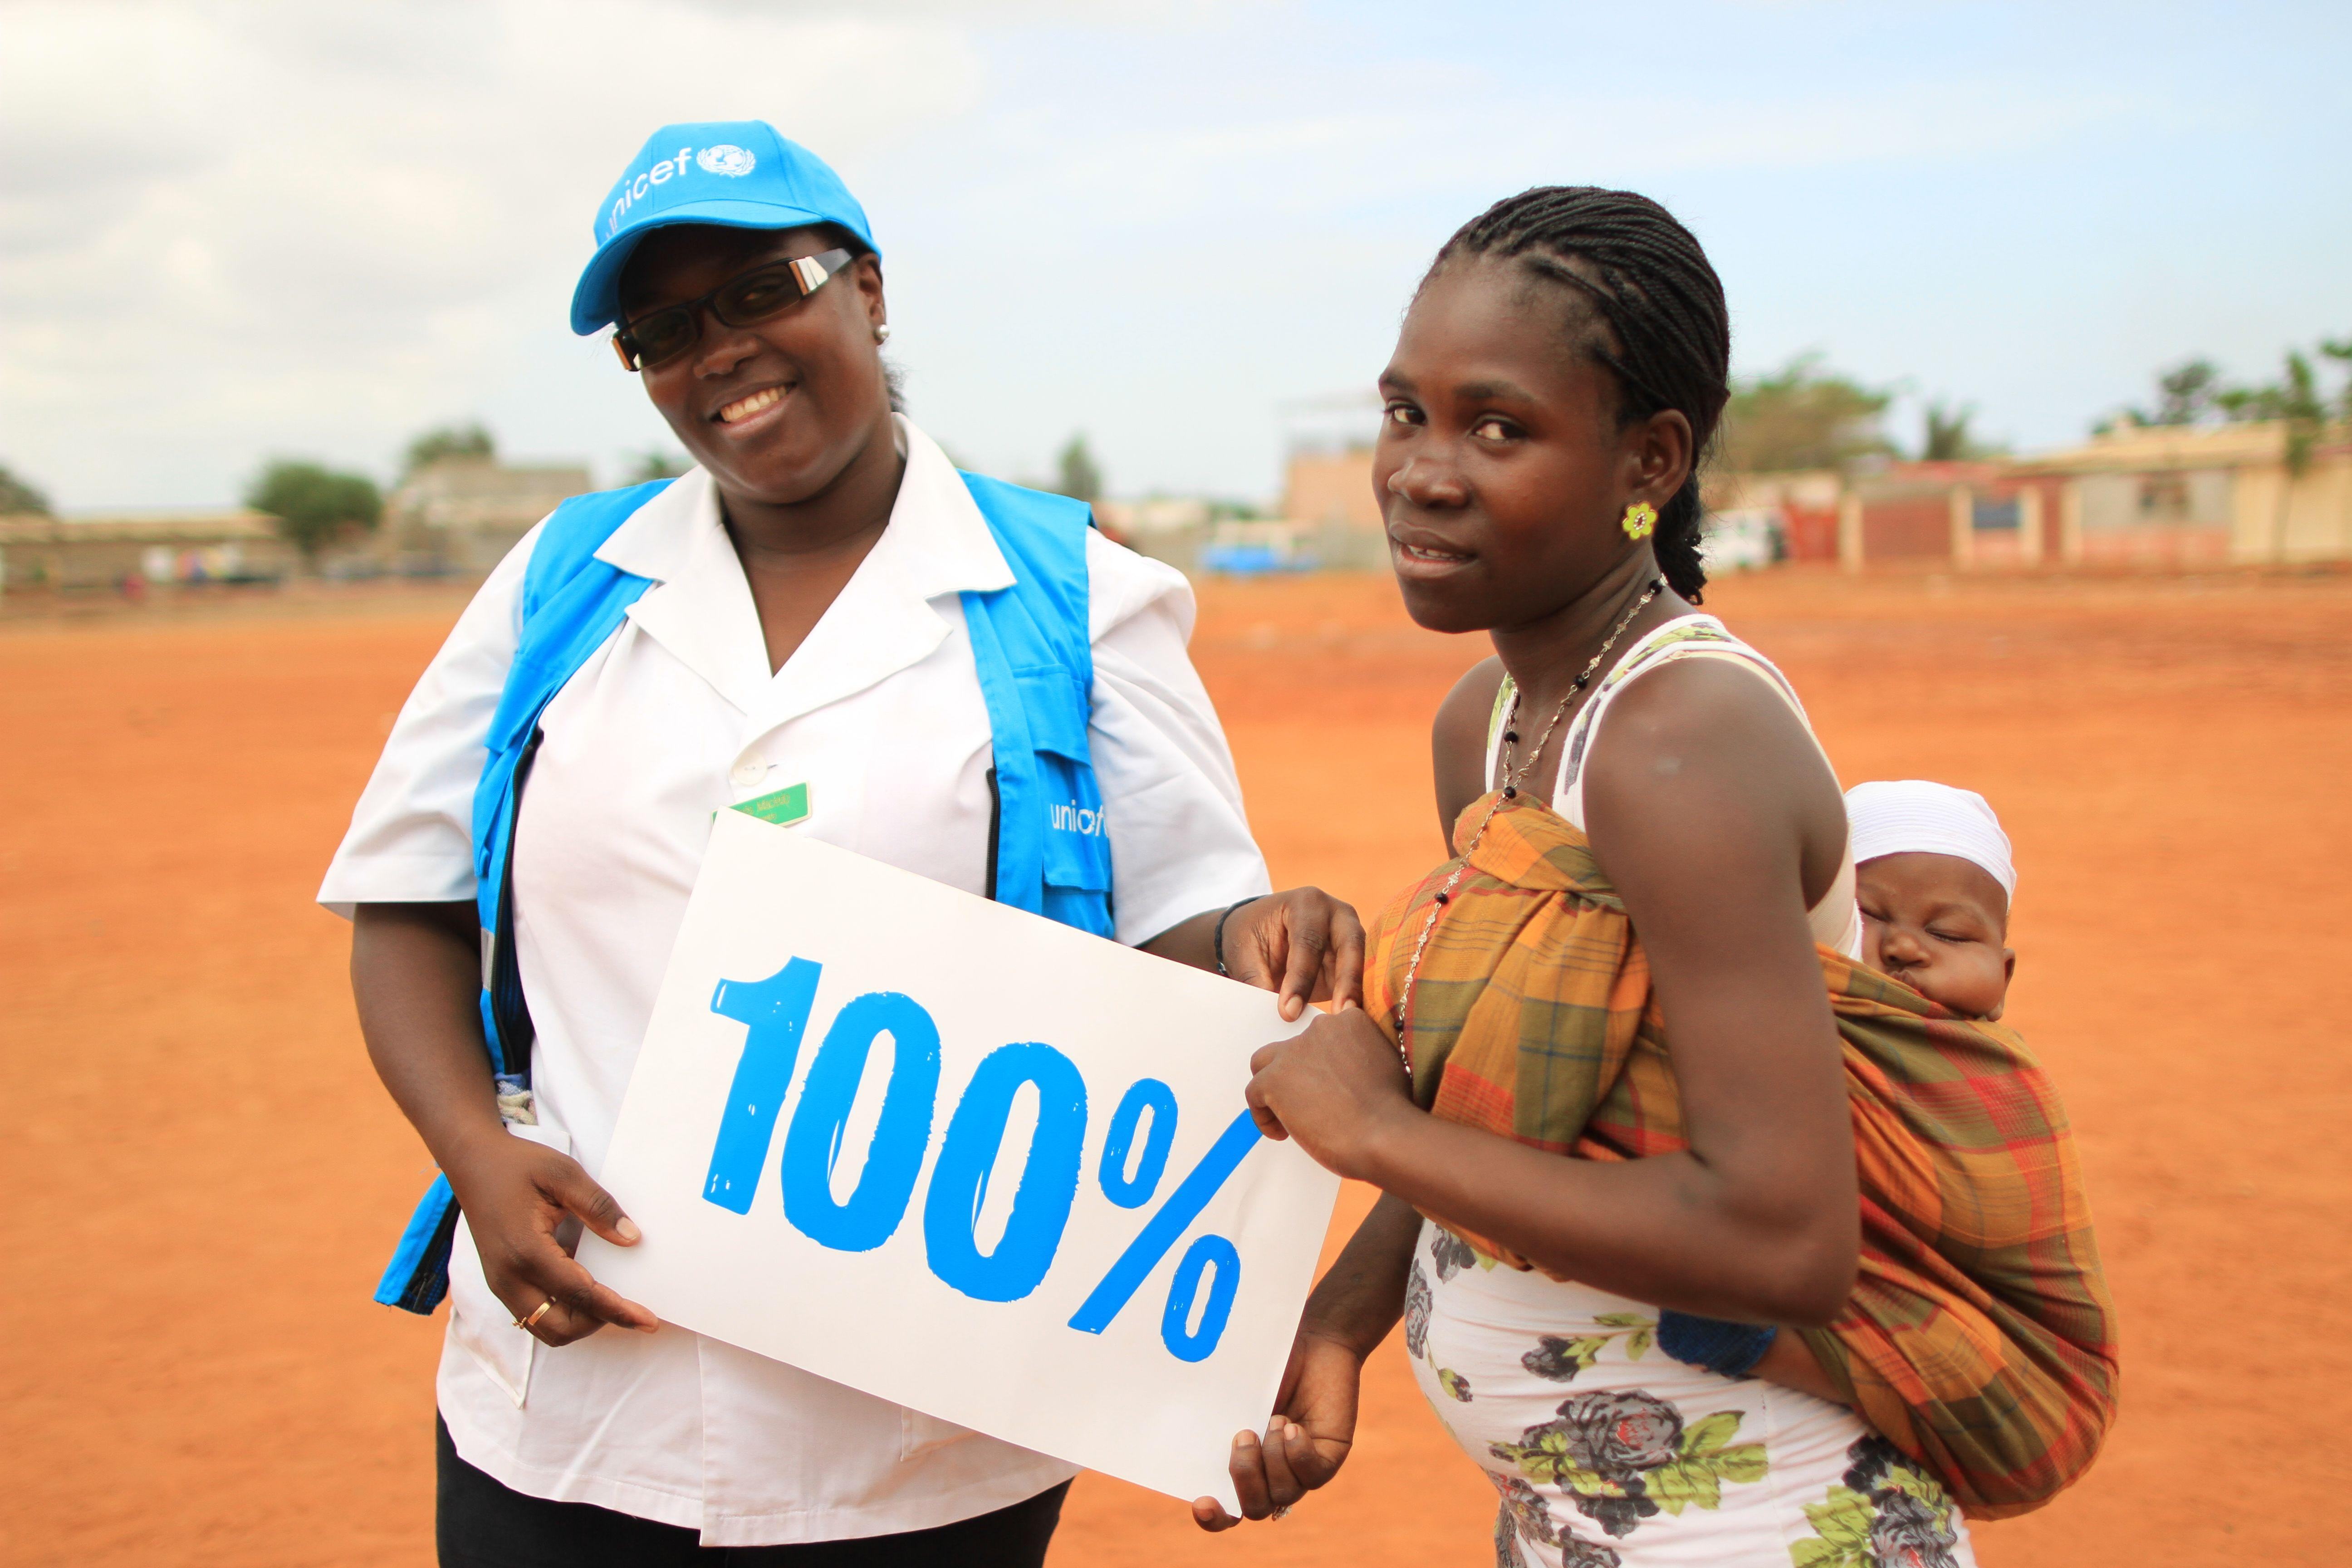 Polio konnte um 99% verringert werden. Jetzt wollen wir 100%!